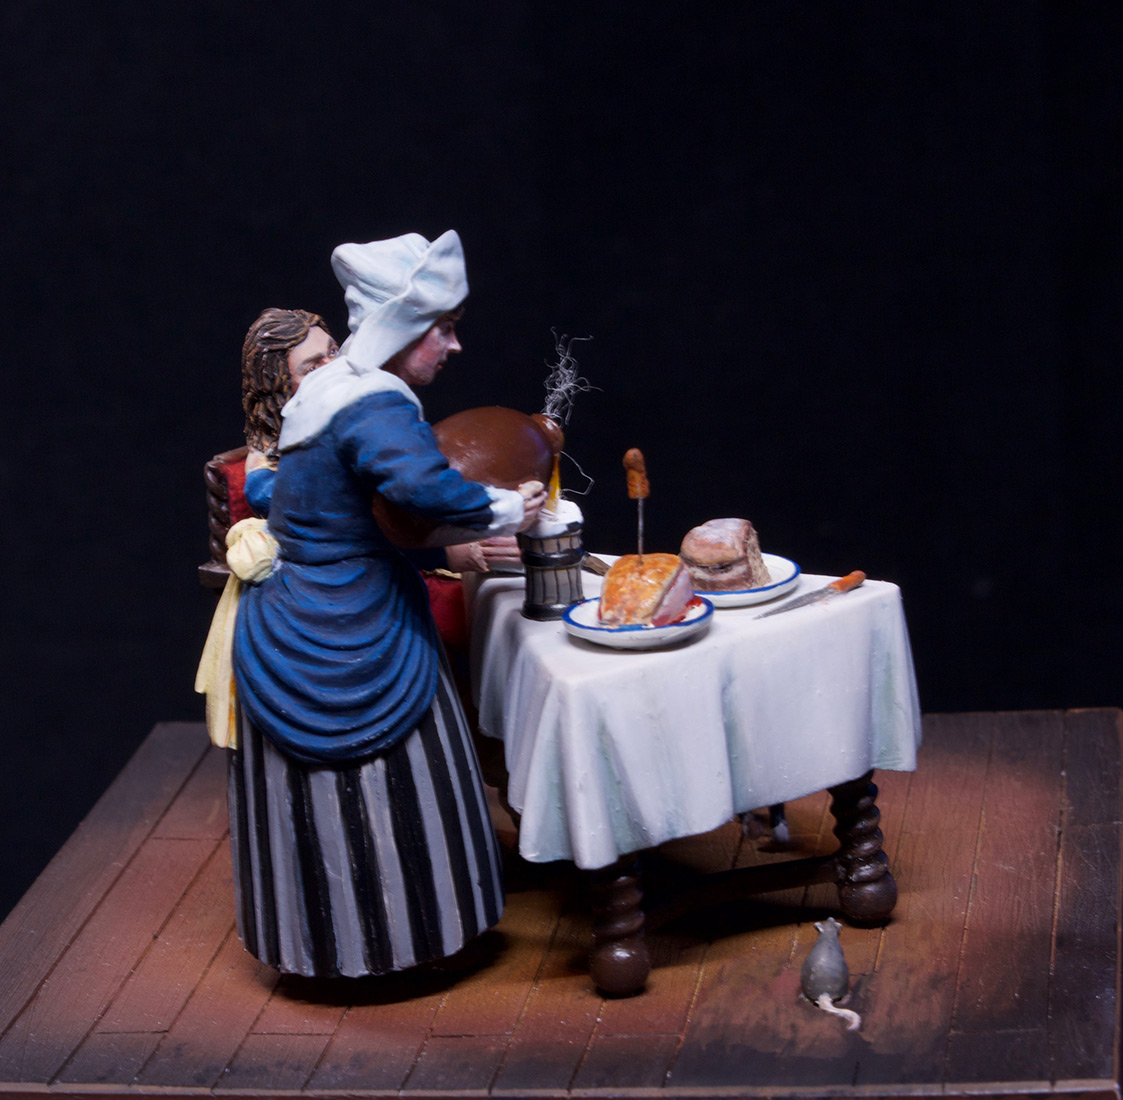 Диорамы и виньетки: Горничная и кавалер за столом, фото #13